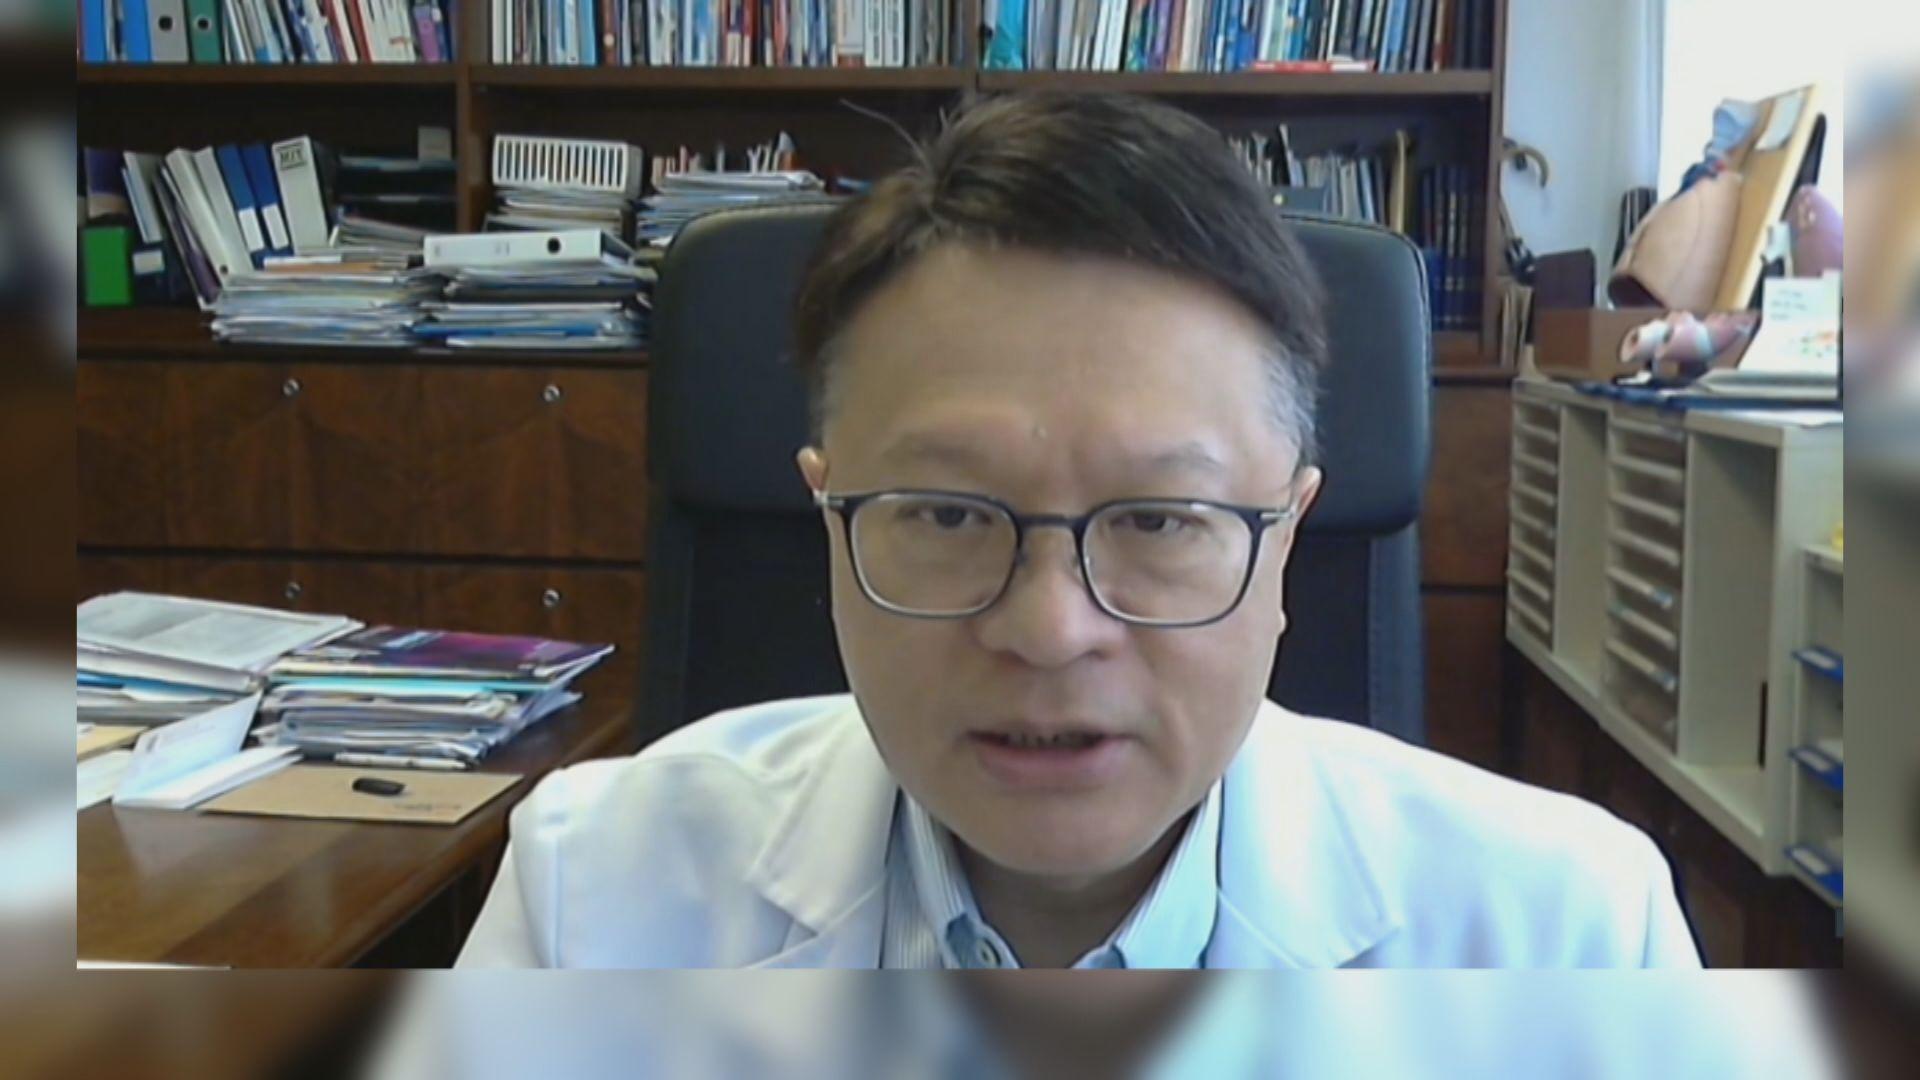 許樹昌:若再新增源頭不明個案 應考慮收緊防疫措施